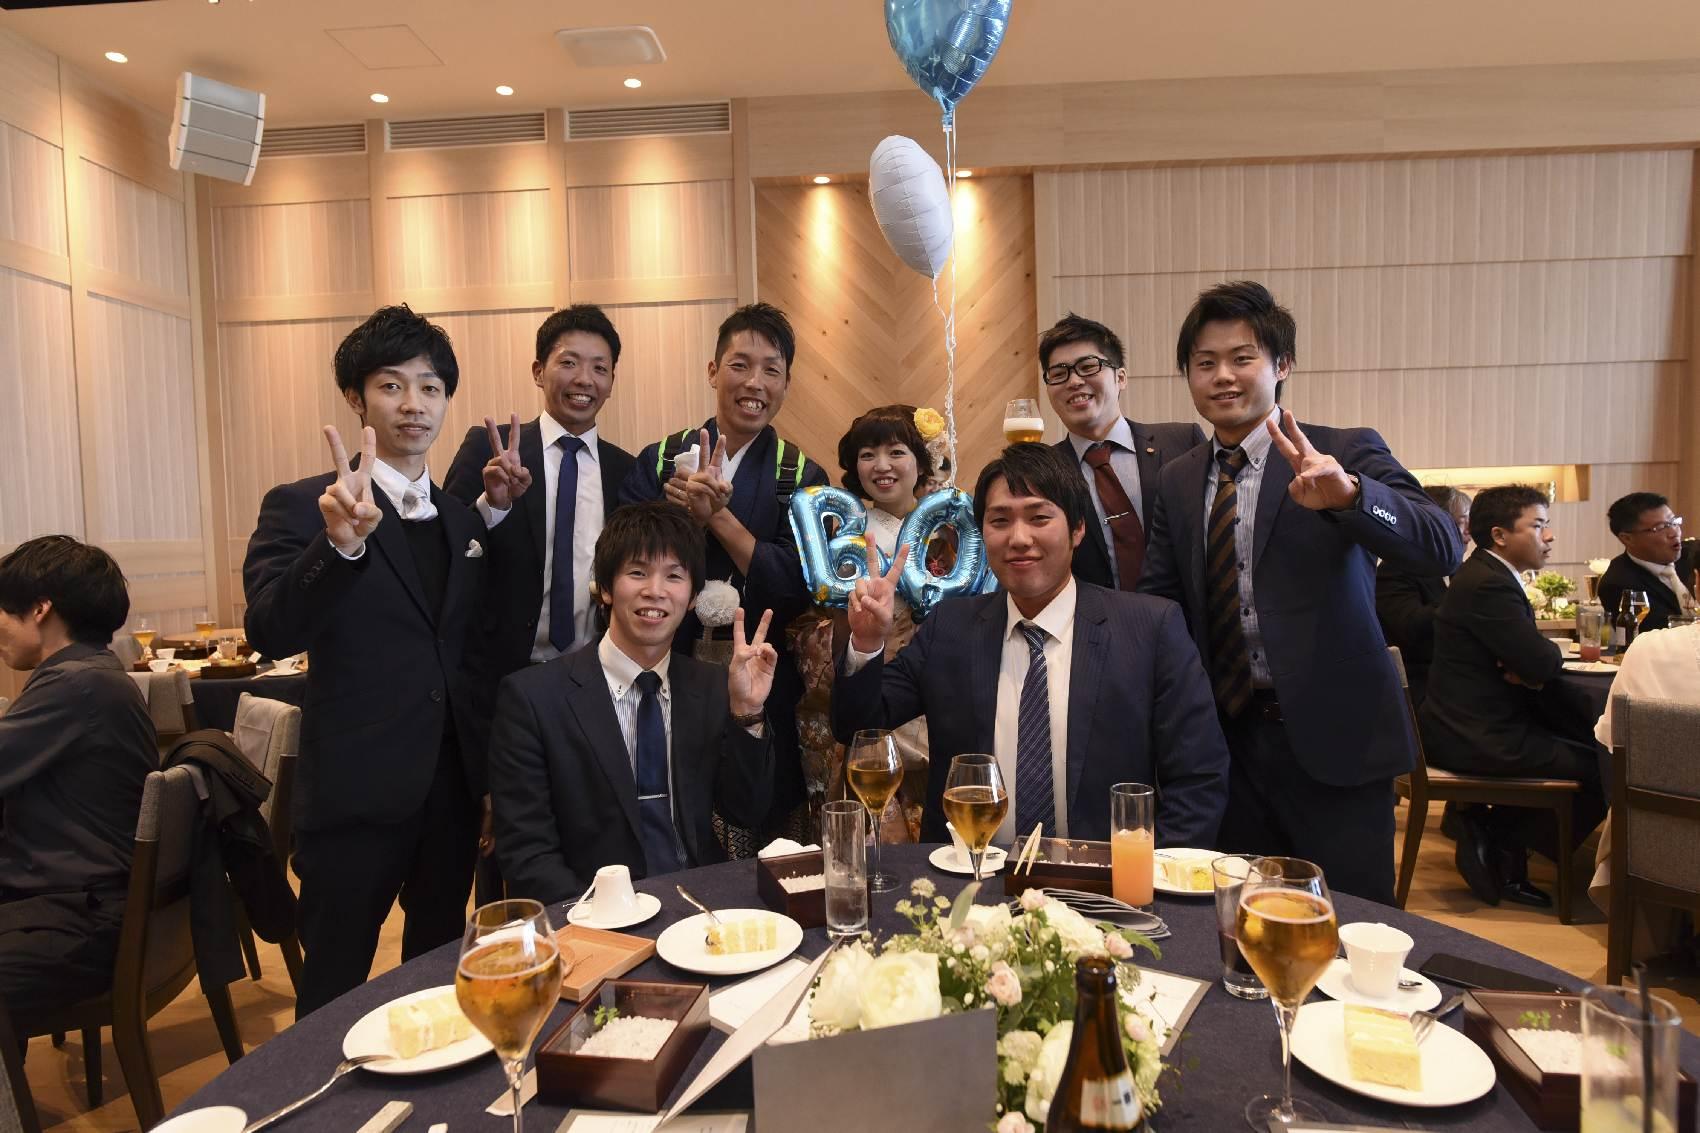 香川県高松市の結婚式場アナザースタイルのテーブルでのフォトセッション